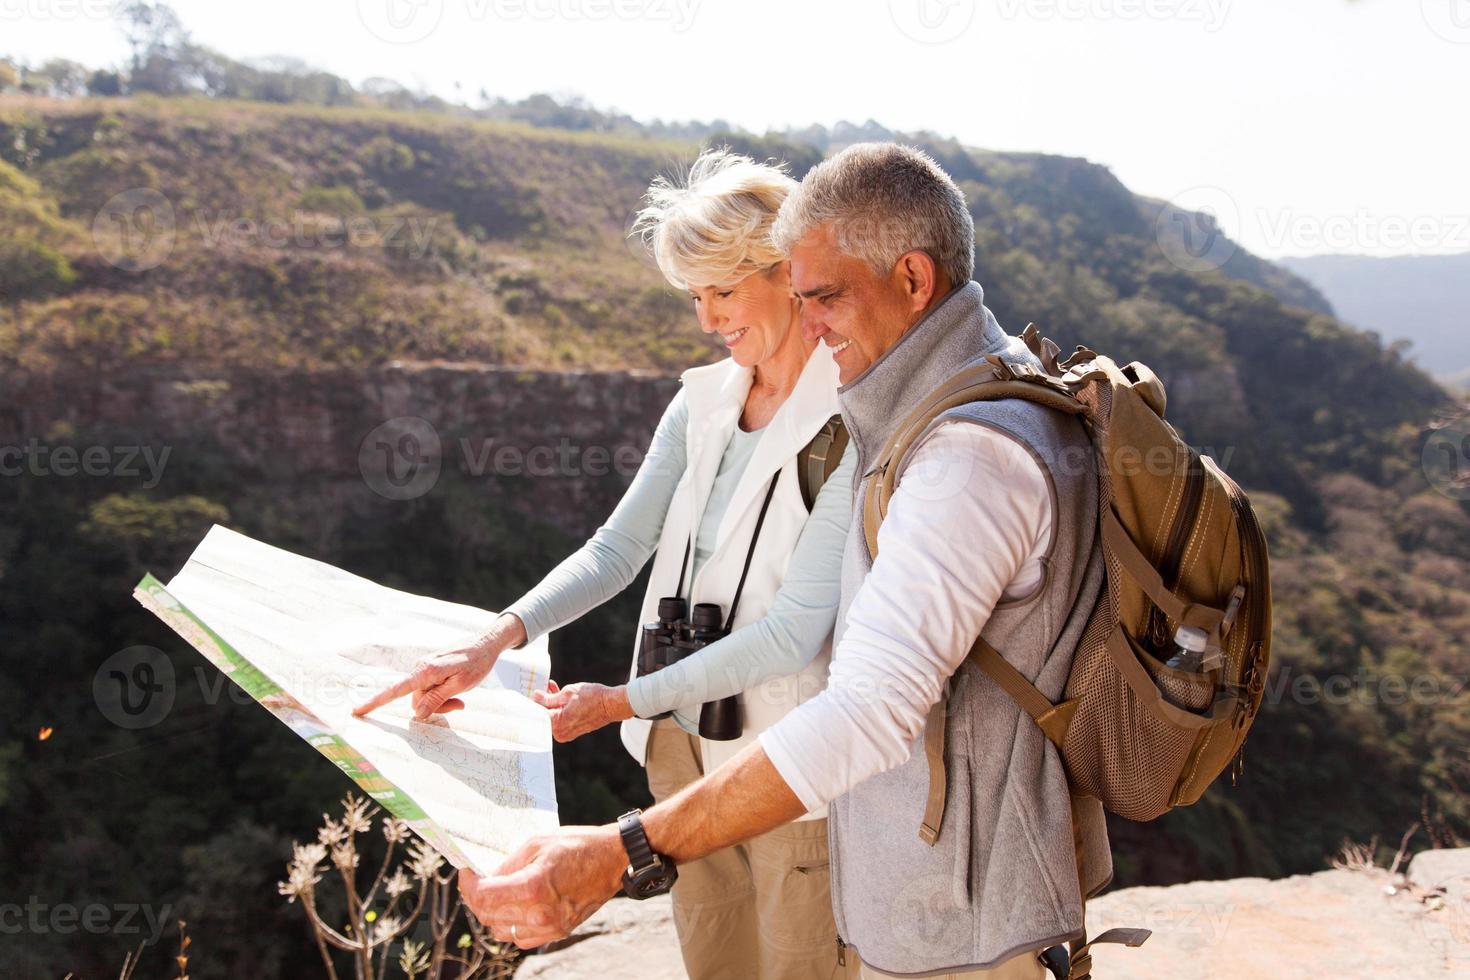 excursionistas de mediana edad mirando un mapa foto